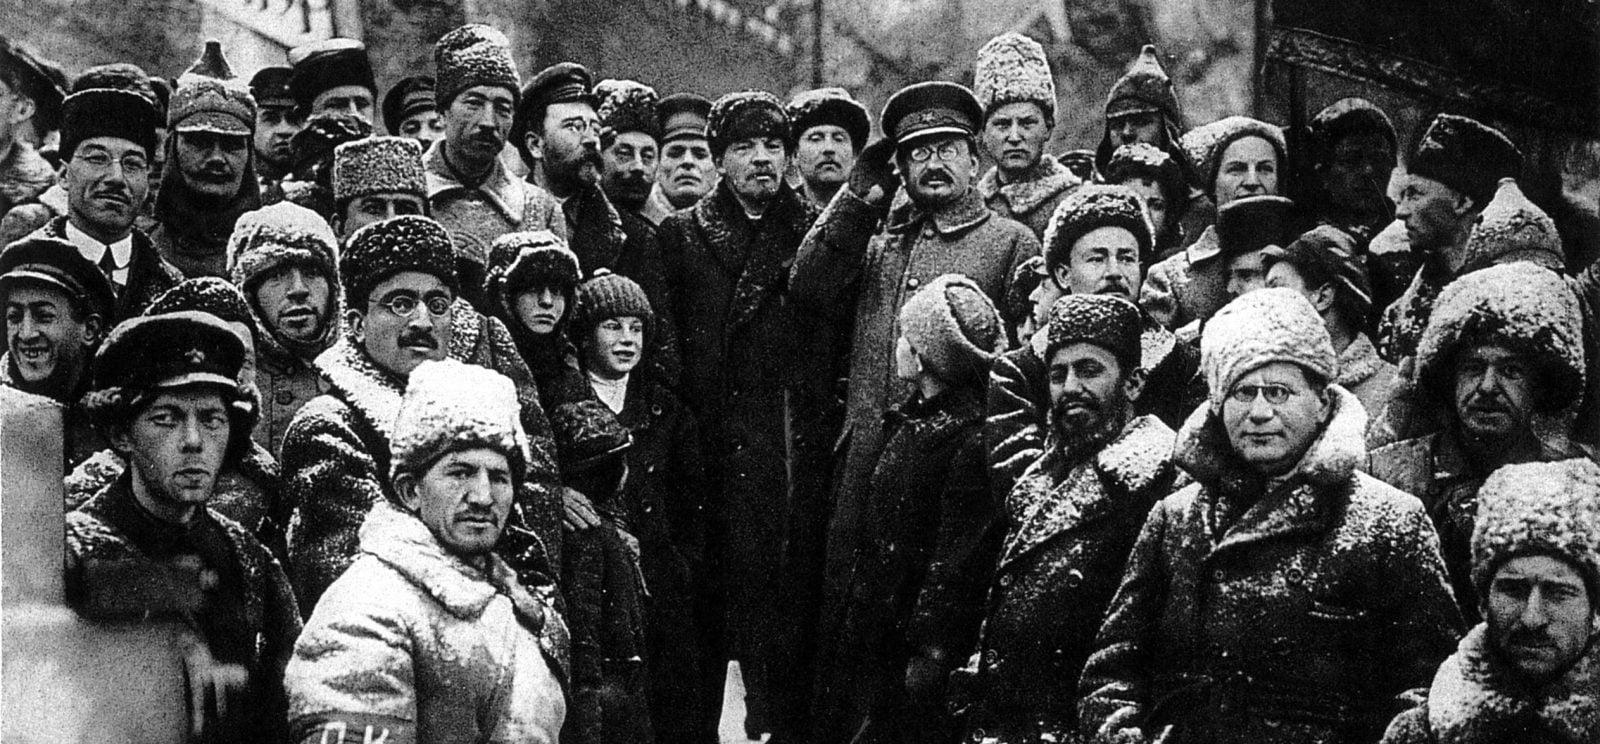 Lenin Trotsky Bolshevik Russian Revolution